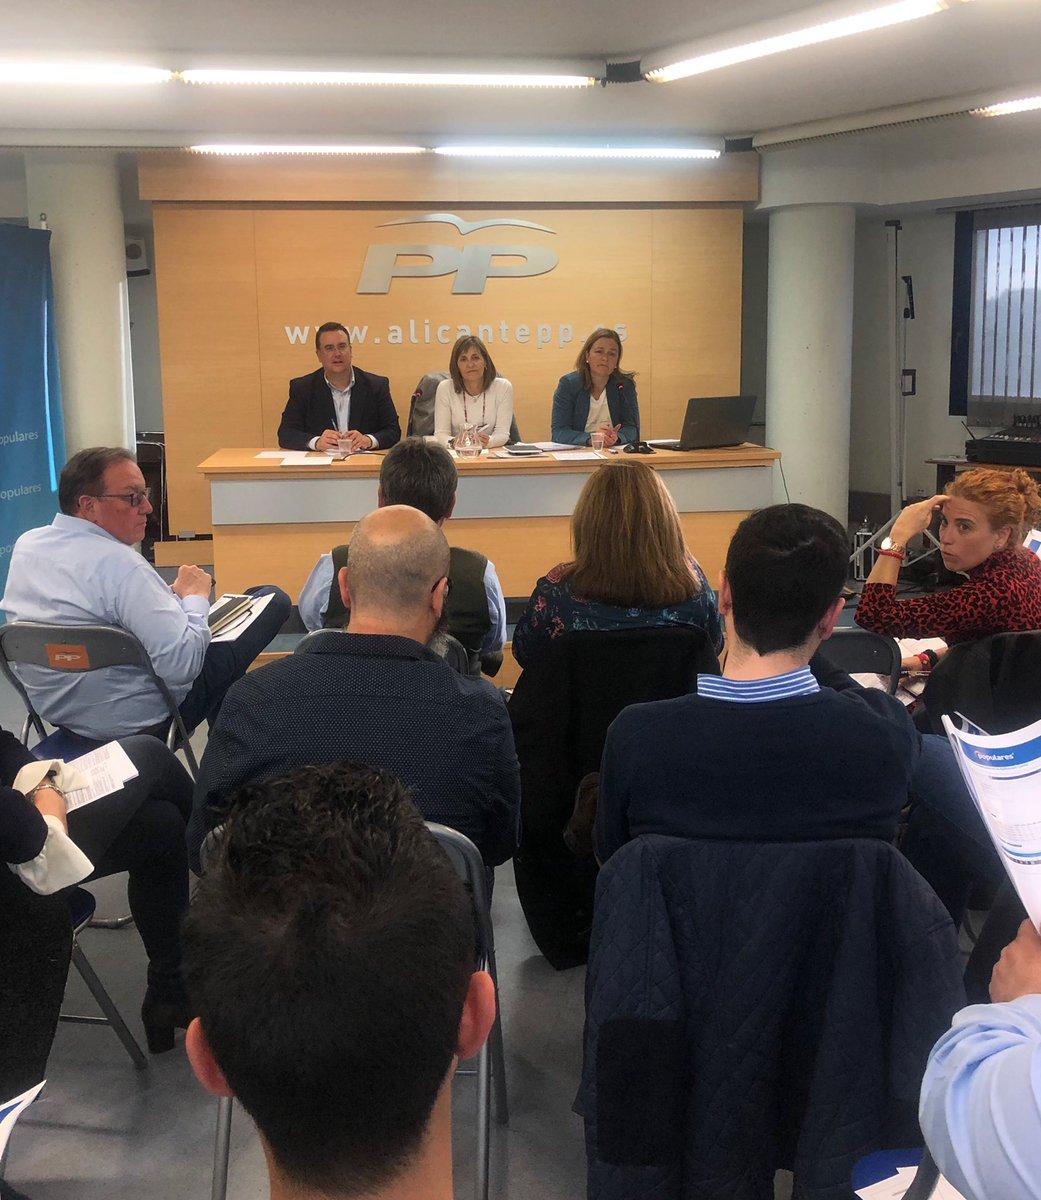 Reunión en la sede provincial de Alicante de responsables comarcarles y de zona de Interventores y Apoderados de la provincia de Alicante. #FemPartit #Elecciones2019